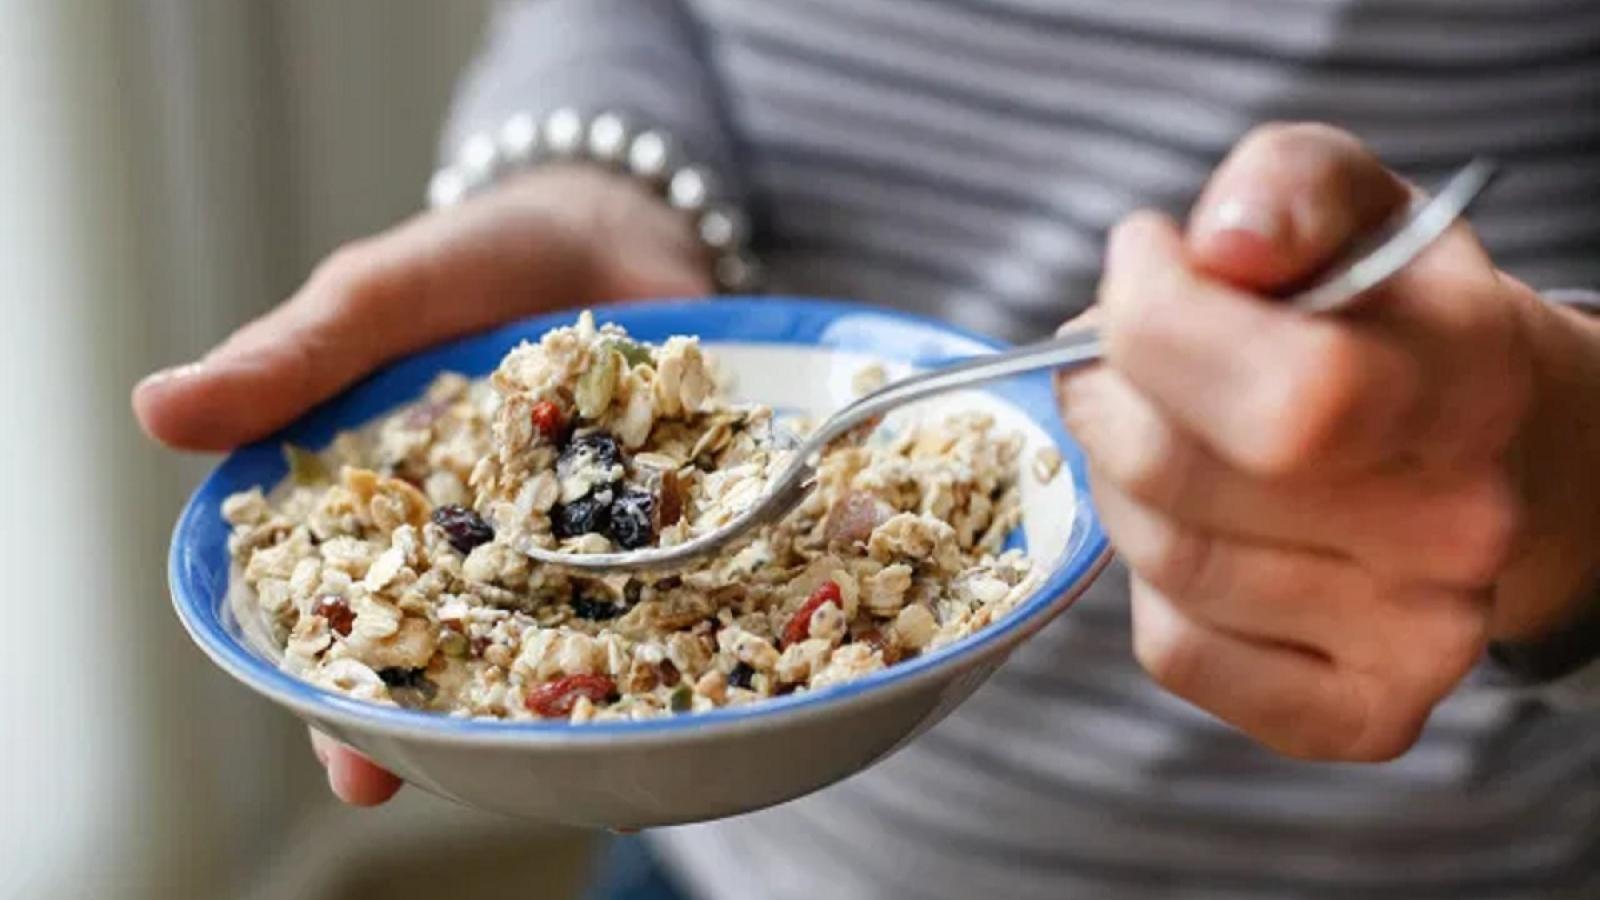 Những thay đổi trong chế độ ăn uống có thể giúp bạn ngủ ngon hơn